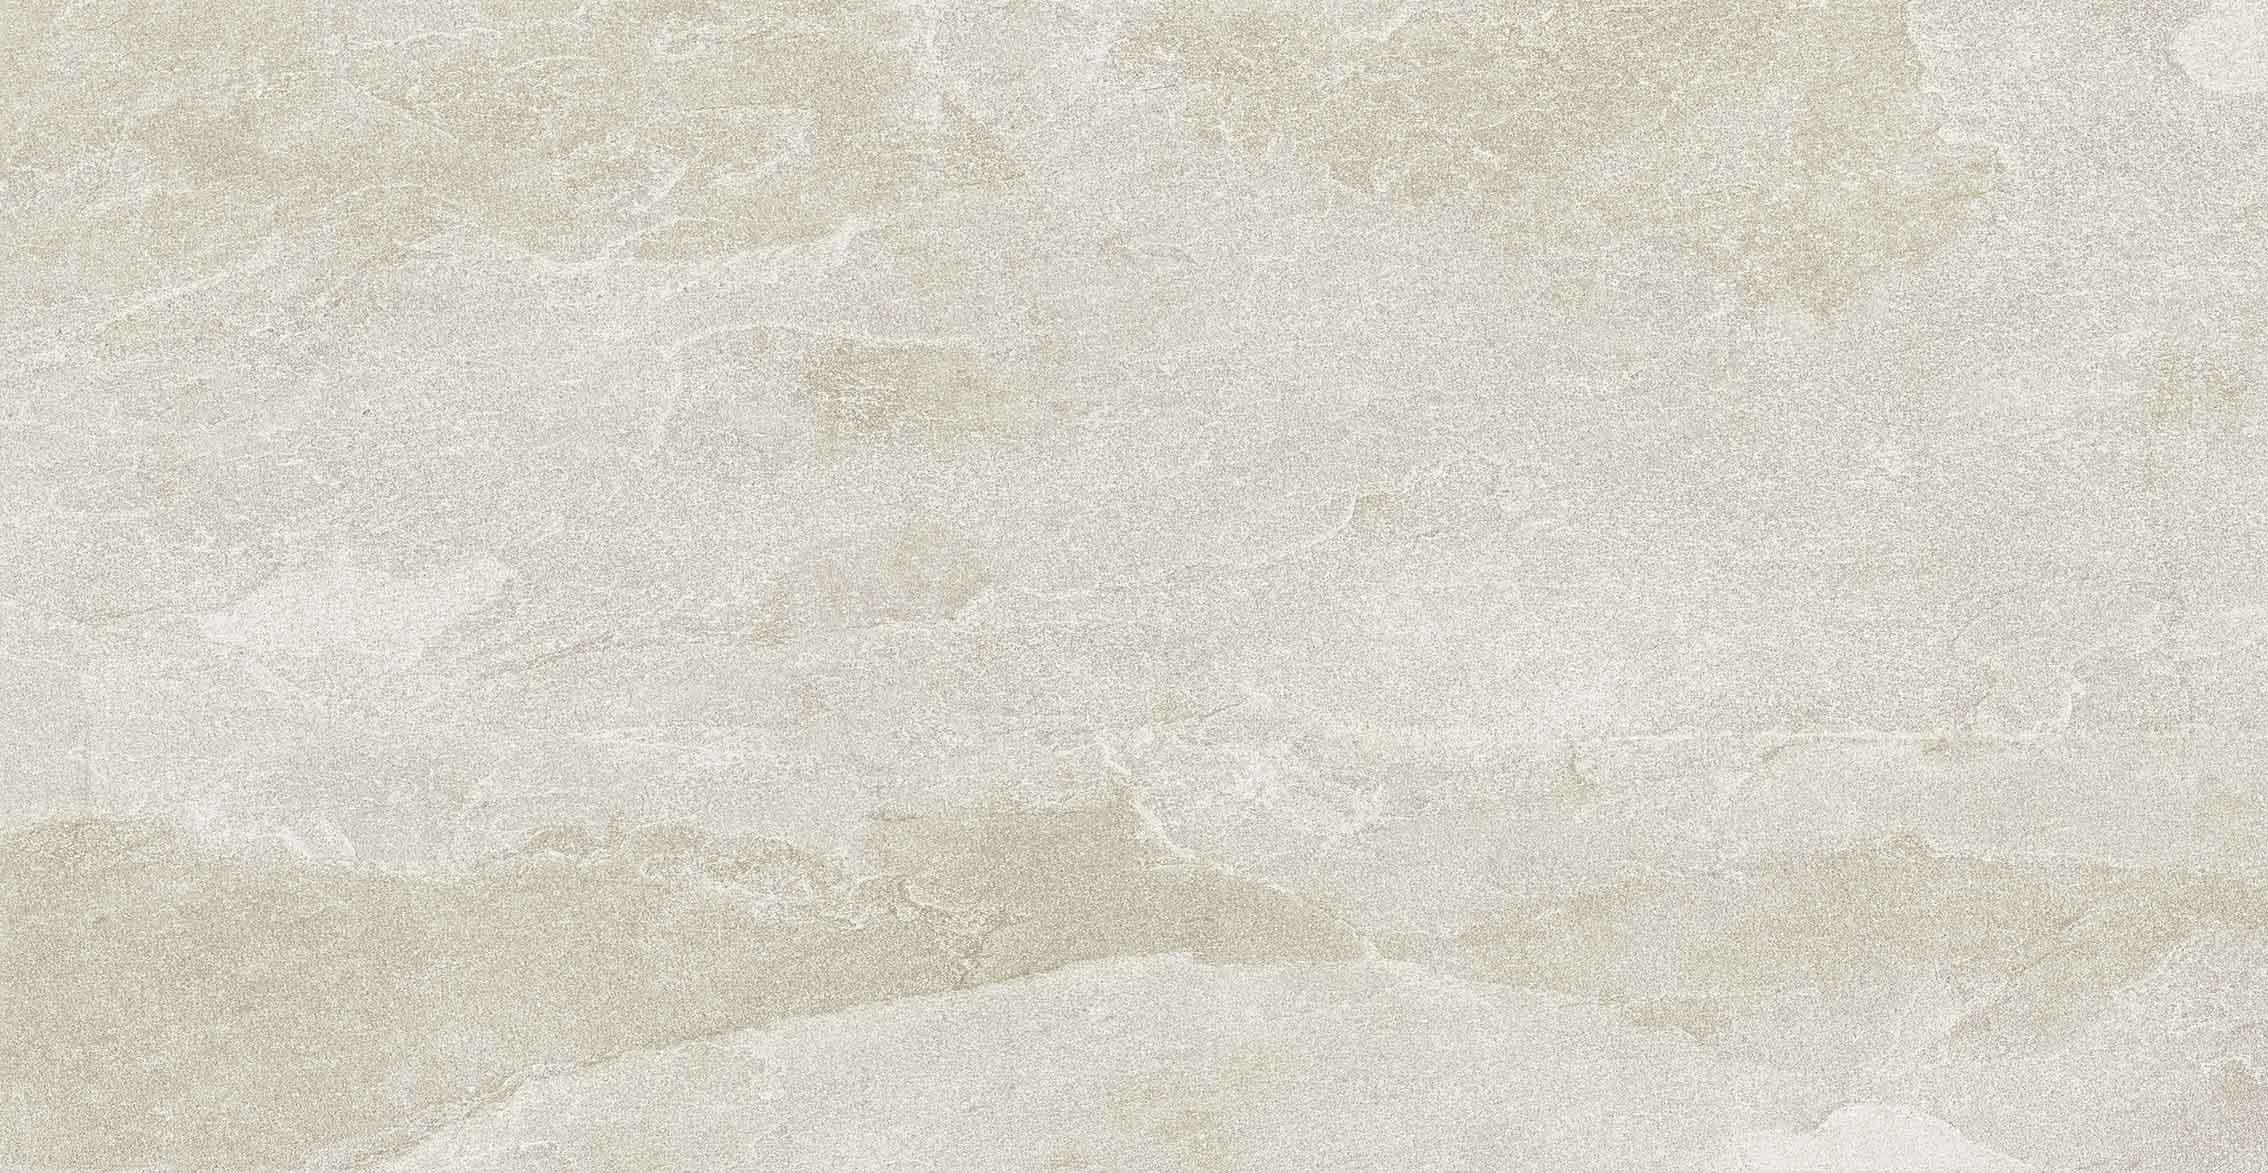 Natural Stone White Matte 10mm 60 x 120